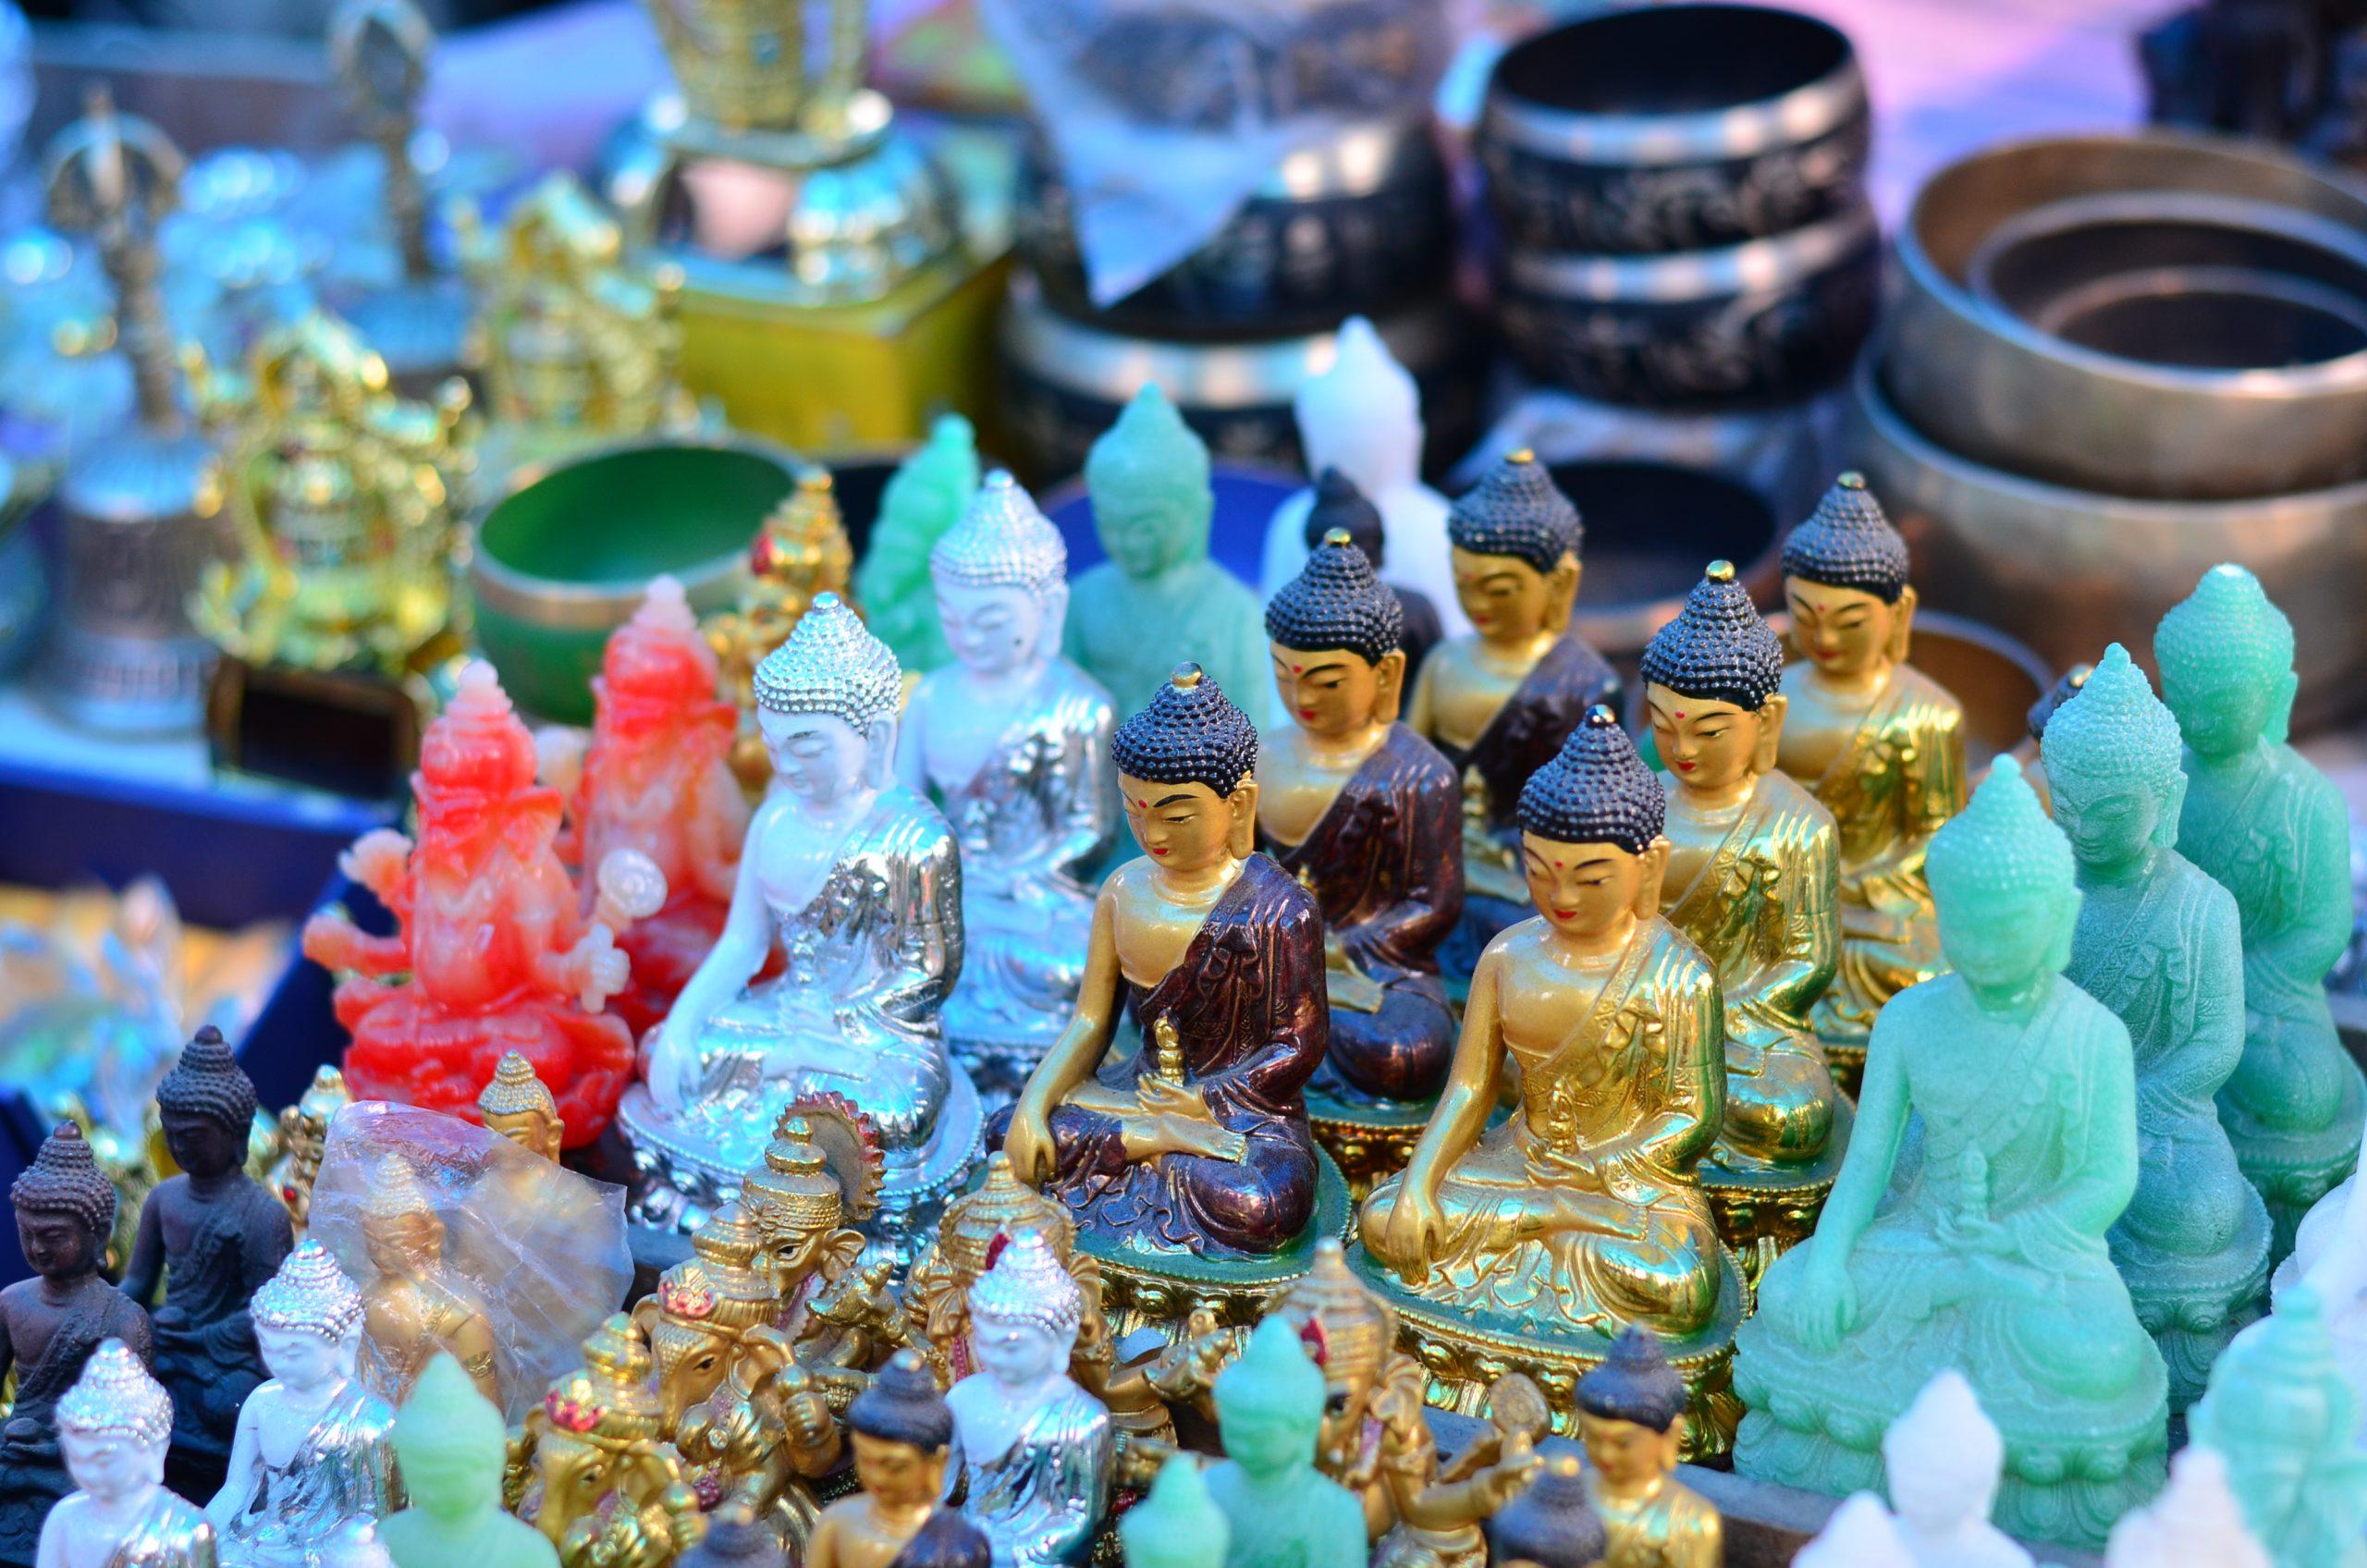 A Crystal Buddha Sculpture